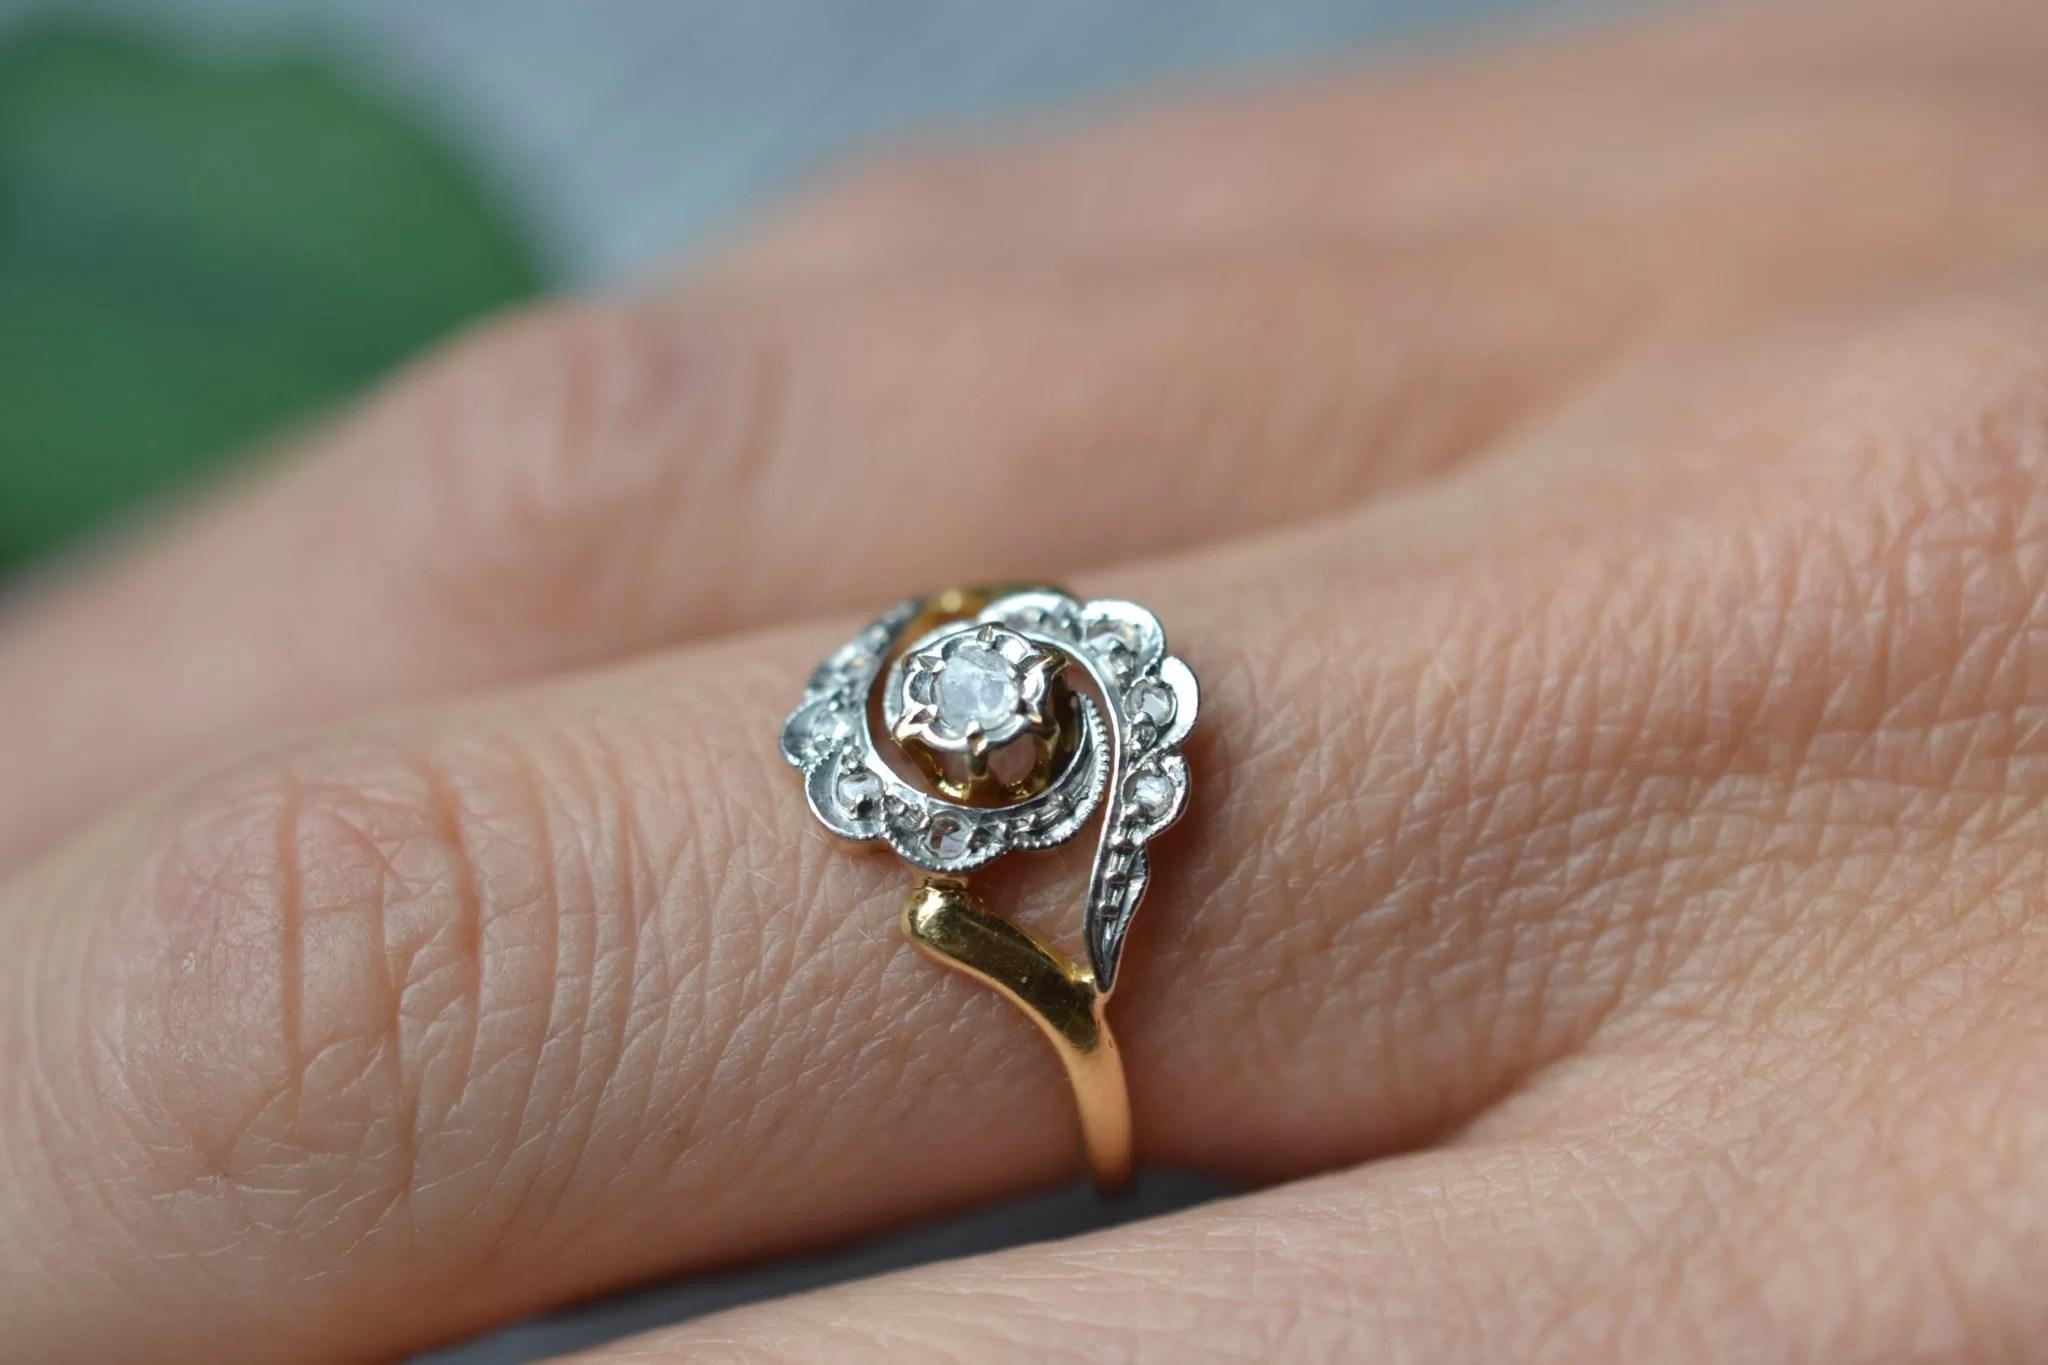 bague vintage fiançailles mariage - tourbillon - or jaune 18 carats - bijoux anciens et vintage - ecoresponsable - noircarat.fr